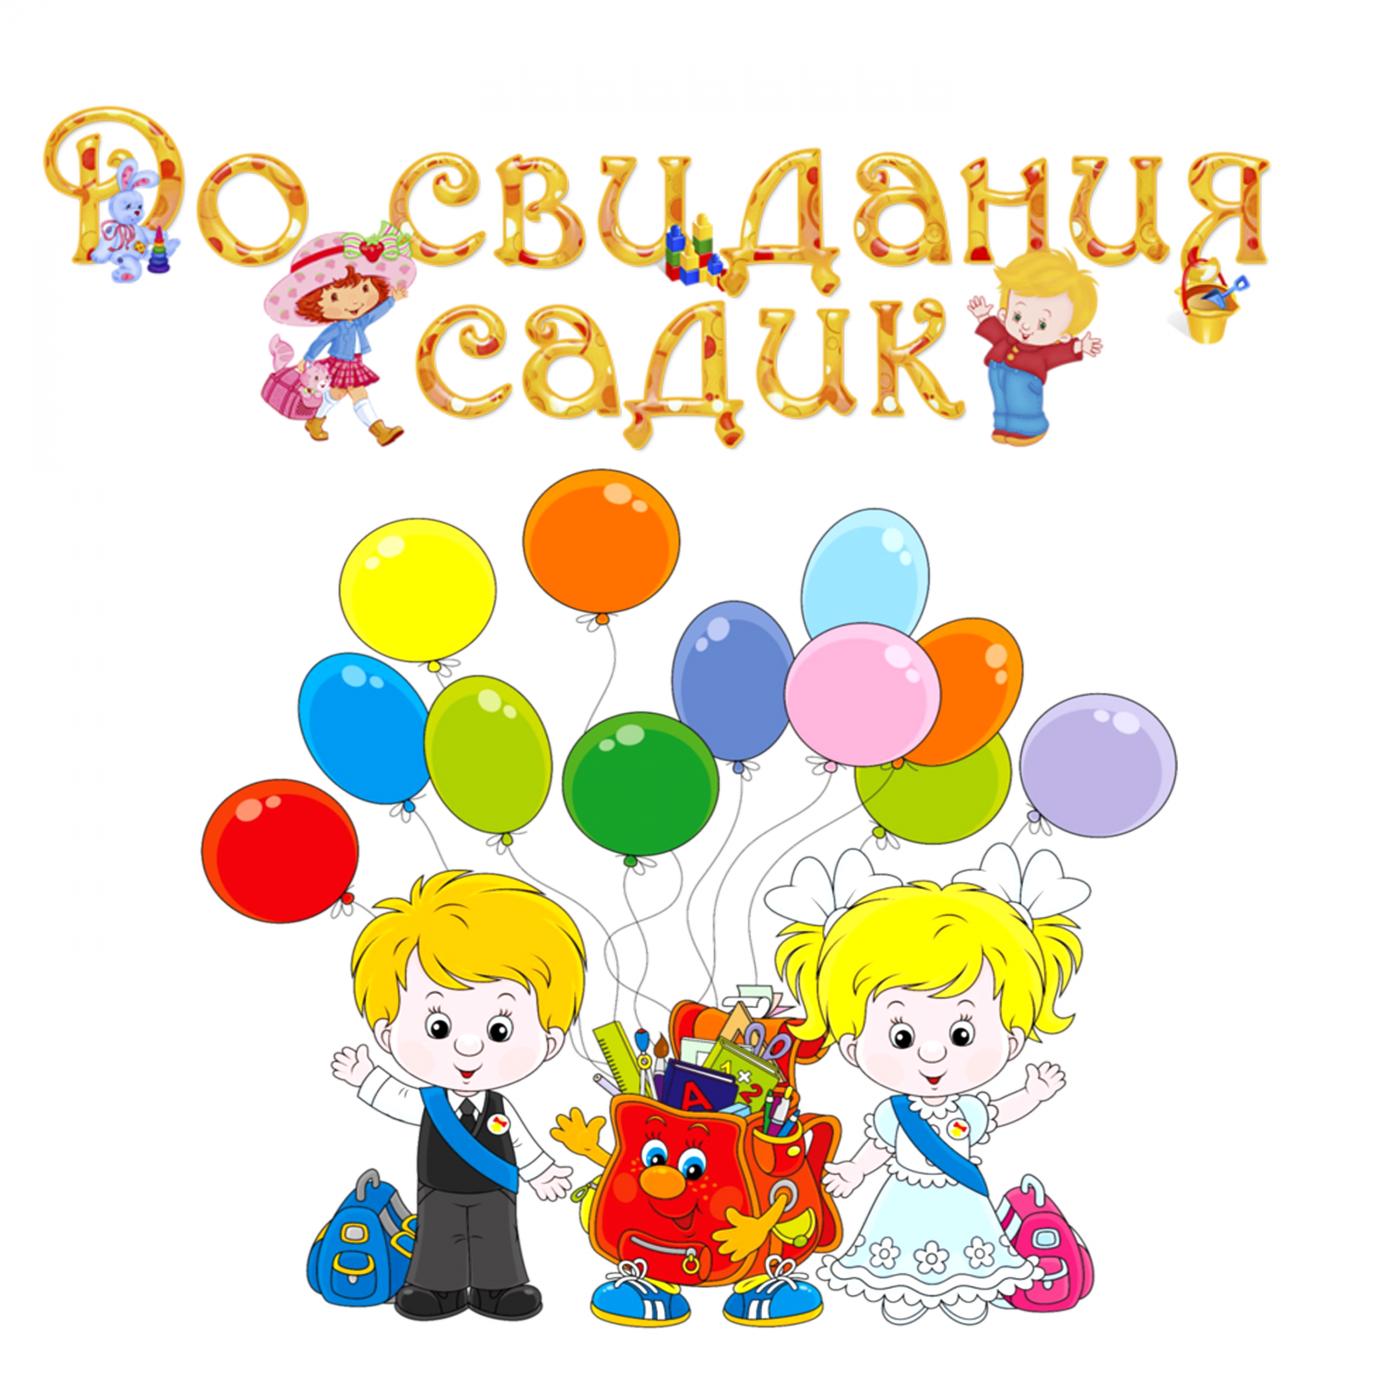 Поздравления на выпуск из детского сада, знаки смешные картинки